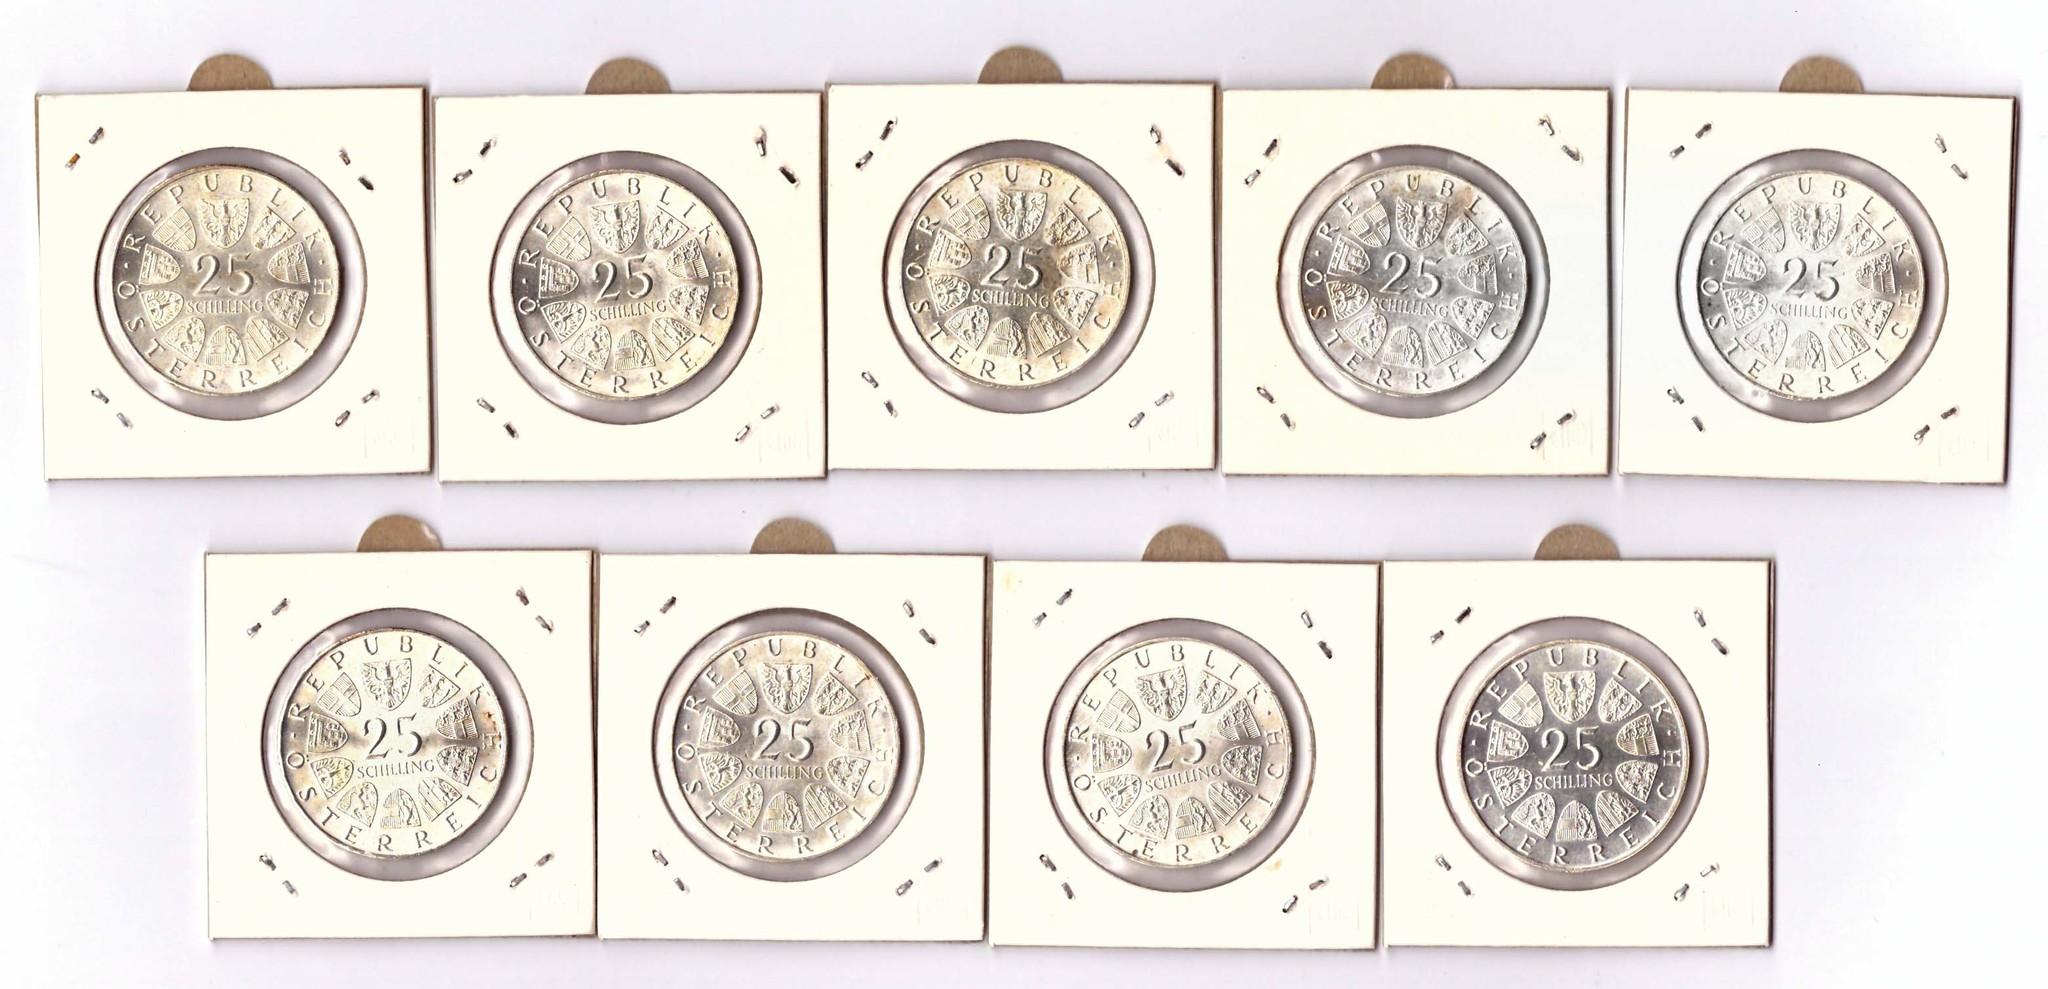 Полный комплект монет 25 шиллингов. Австрия. 1955-1973 гг. Серебро XF-AU, AU.